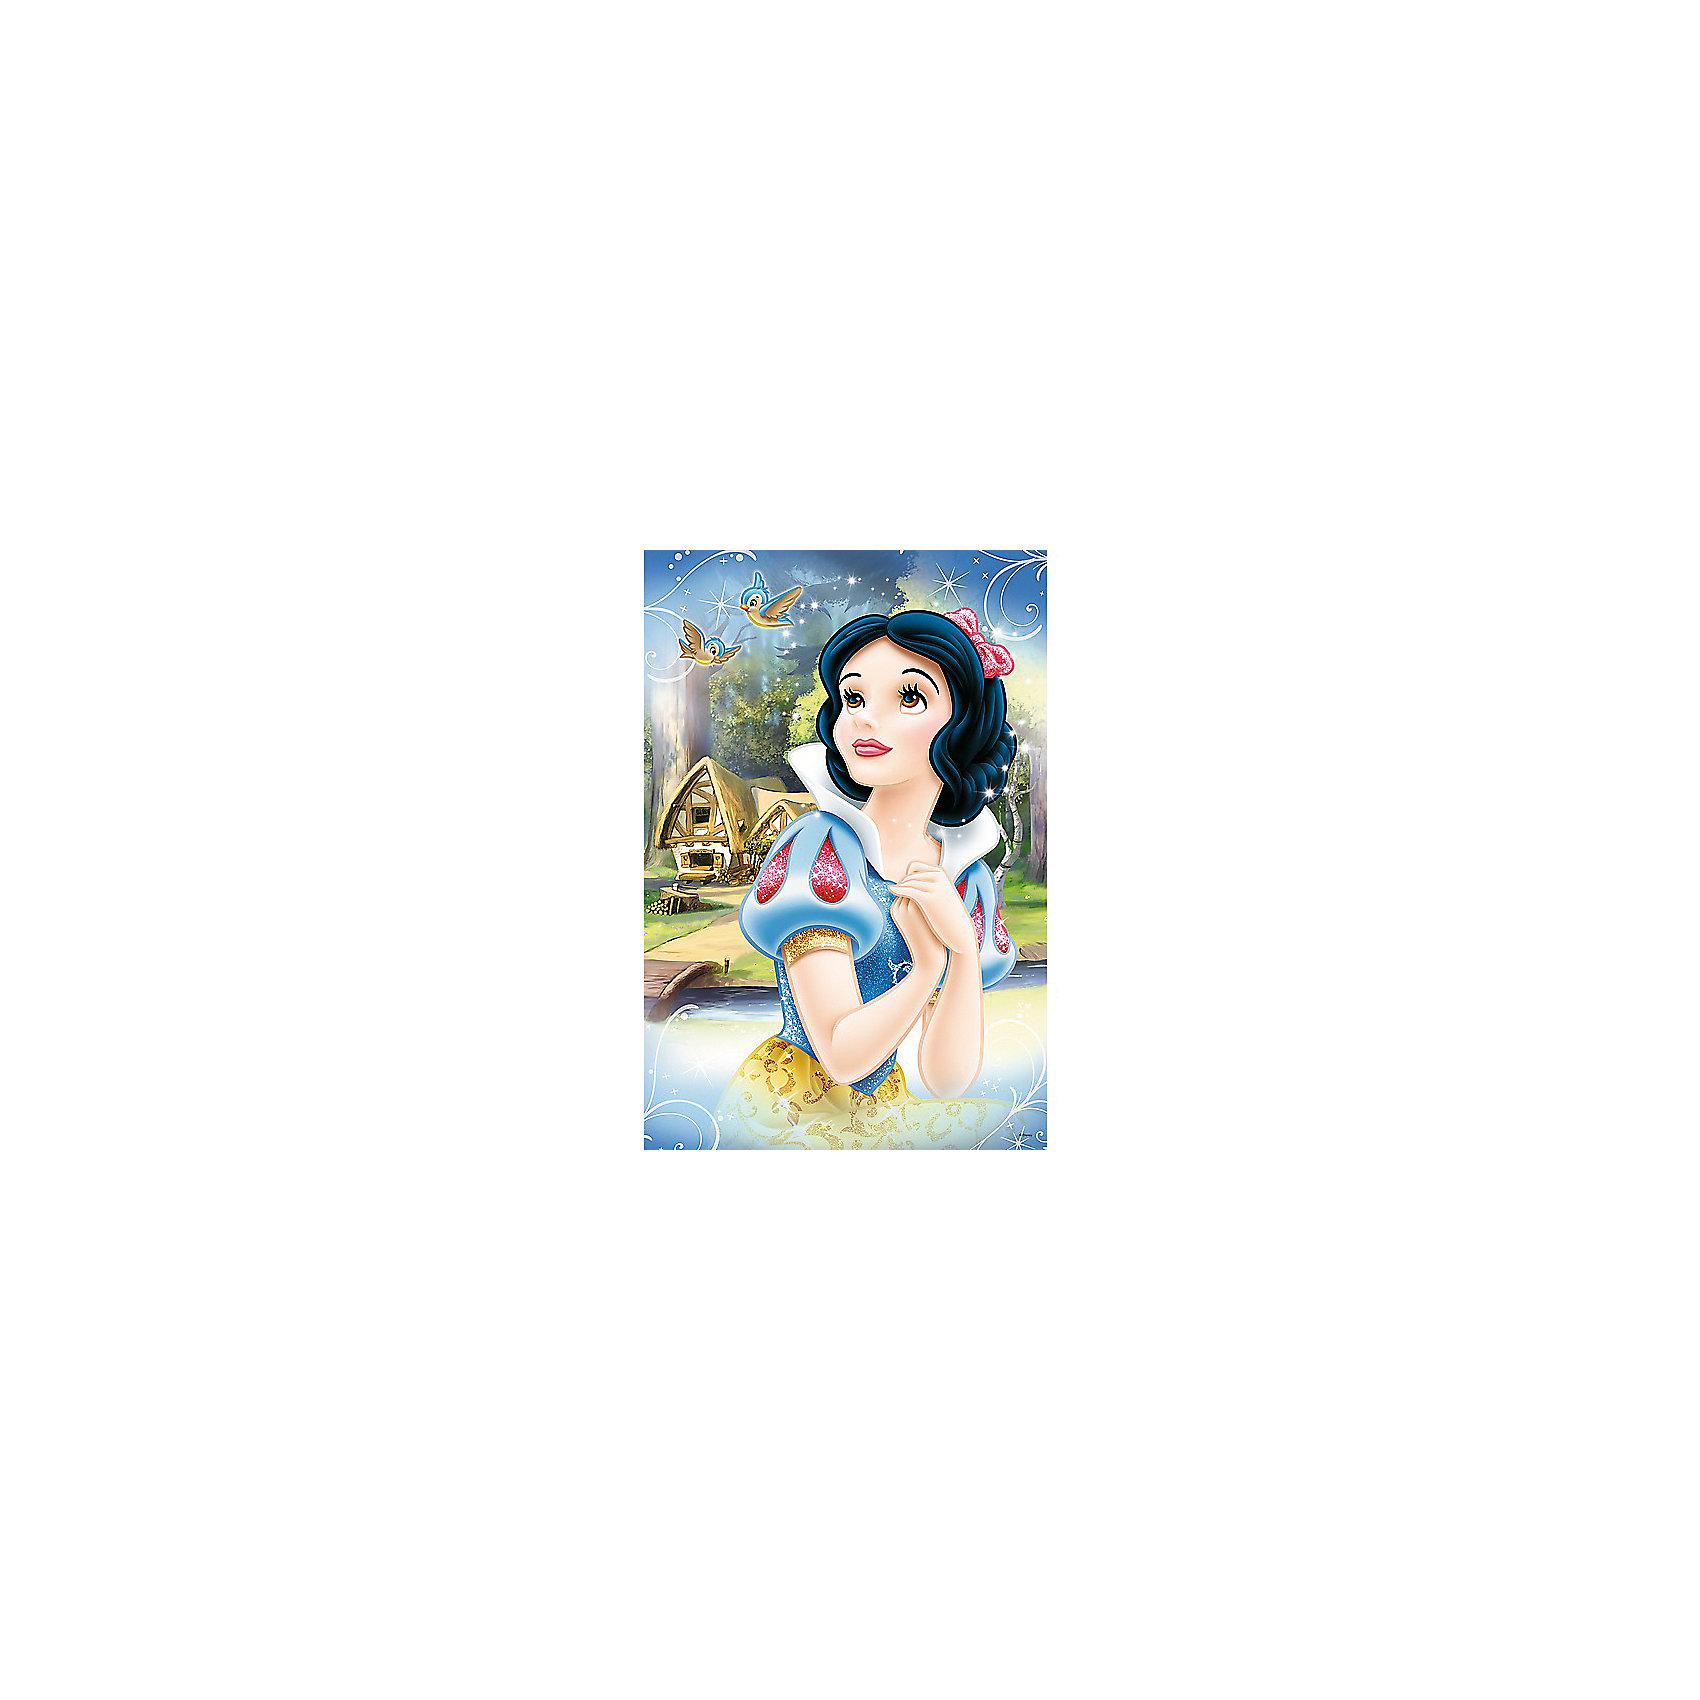 Пазлы Мечтательная Белоснежка, 24 элементаПринцессы Дисней<br>Пазлы Мечтательная Белоснежка замечательный подарок любой девочке. Яркая и красивая героиня знаменитого мультфильма Белоснежка и семь гномов поможет замечтаться и окунуться в мир мультфильма любую маленькую принцессу. Пазл прекрасная развивающая игра, которая очень полезна для памяти, а также помогает развивать мелкую моторику рук. Собрать пазлы нелегкая задача. Требуется терпение и внимательность. Ребенок сможет почувствовать связь между целым рисунком и отдельными фрагментами, фантазируя и собирая свою собственную историю о Белоснежке. <br>Все детали выполнены из плотного высококачественного картона. Картинка состоит из 24 крупных элементов. <br>Рекомендуемый возраст: от 3 лет.<br><br>Ширина мм: 398<br>Глубина мм: 45<br>Высота мм: 266<br>Вес г: 700<br>Возраст от месяцев: 36<br>Возраст до месяцев: 120<br>Пол: Женский<br>Возраст: Детский<br>SKU: 7126328